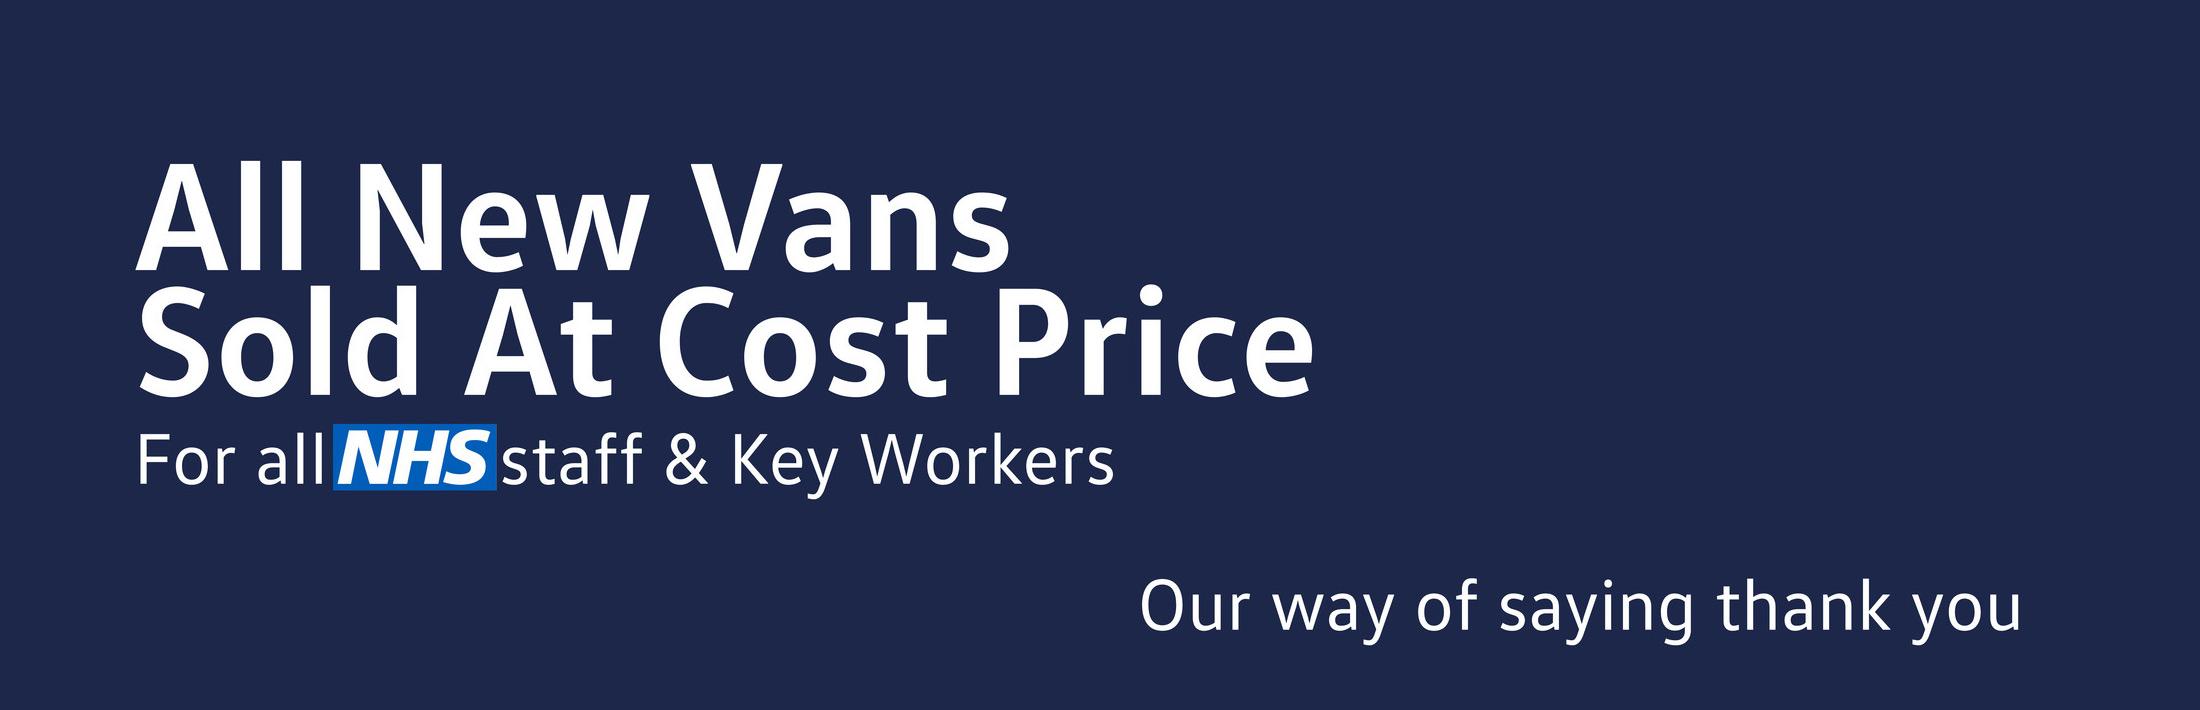 Cost Price Deals